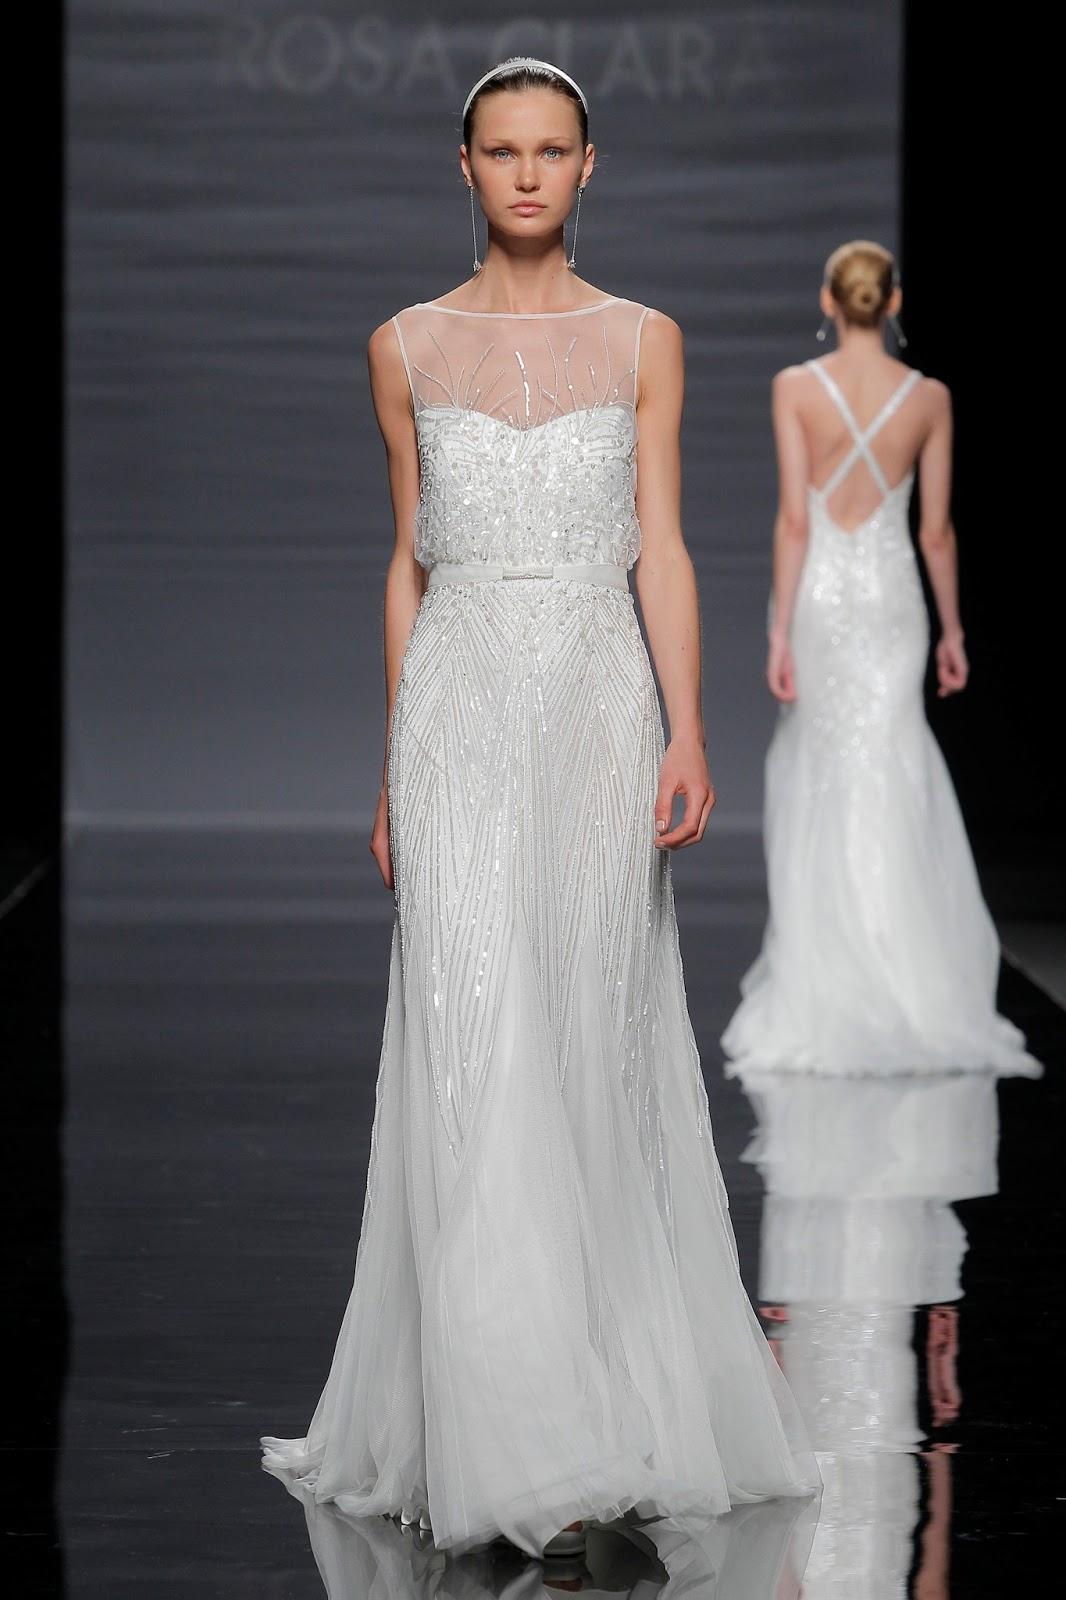 eaca4c2aaf El voile y el tul de seda natural combinado con sutiles encajes son tejidos  protagonistas para unos trajes de inspiración puramente romántica